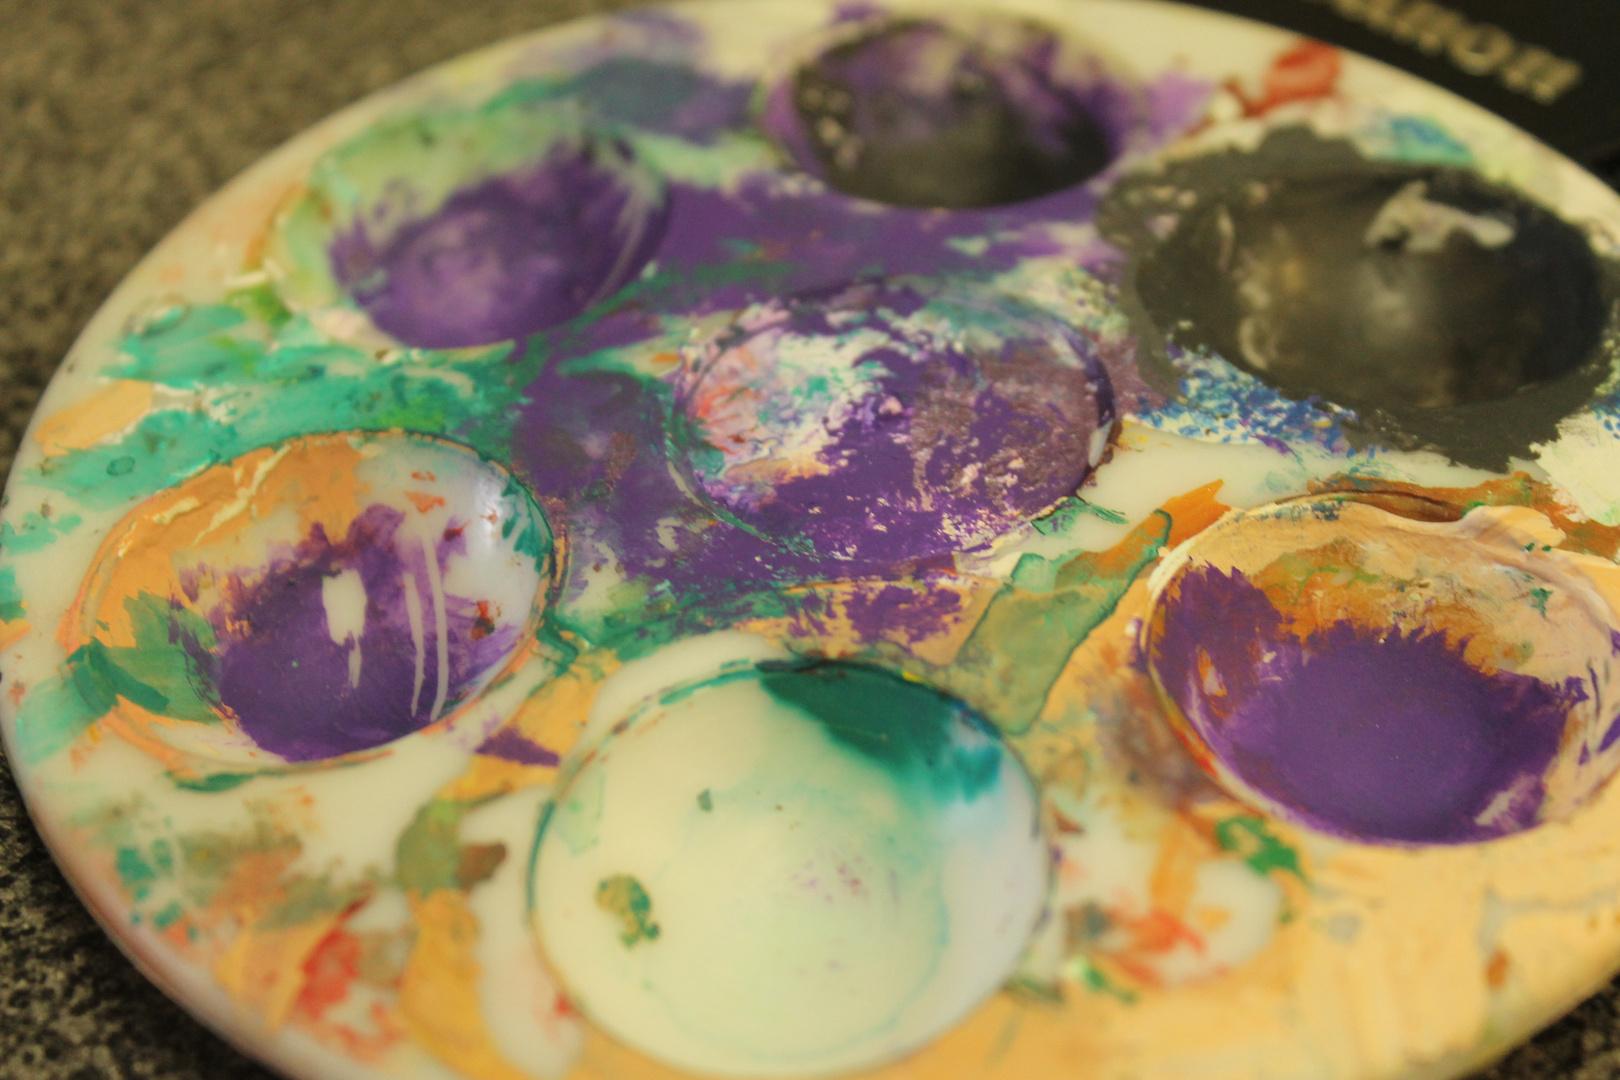 Paleta, los colores dan vida a este mundo